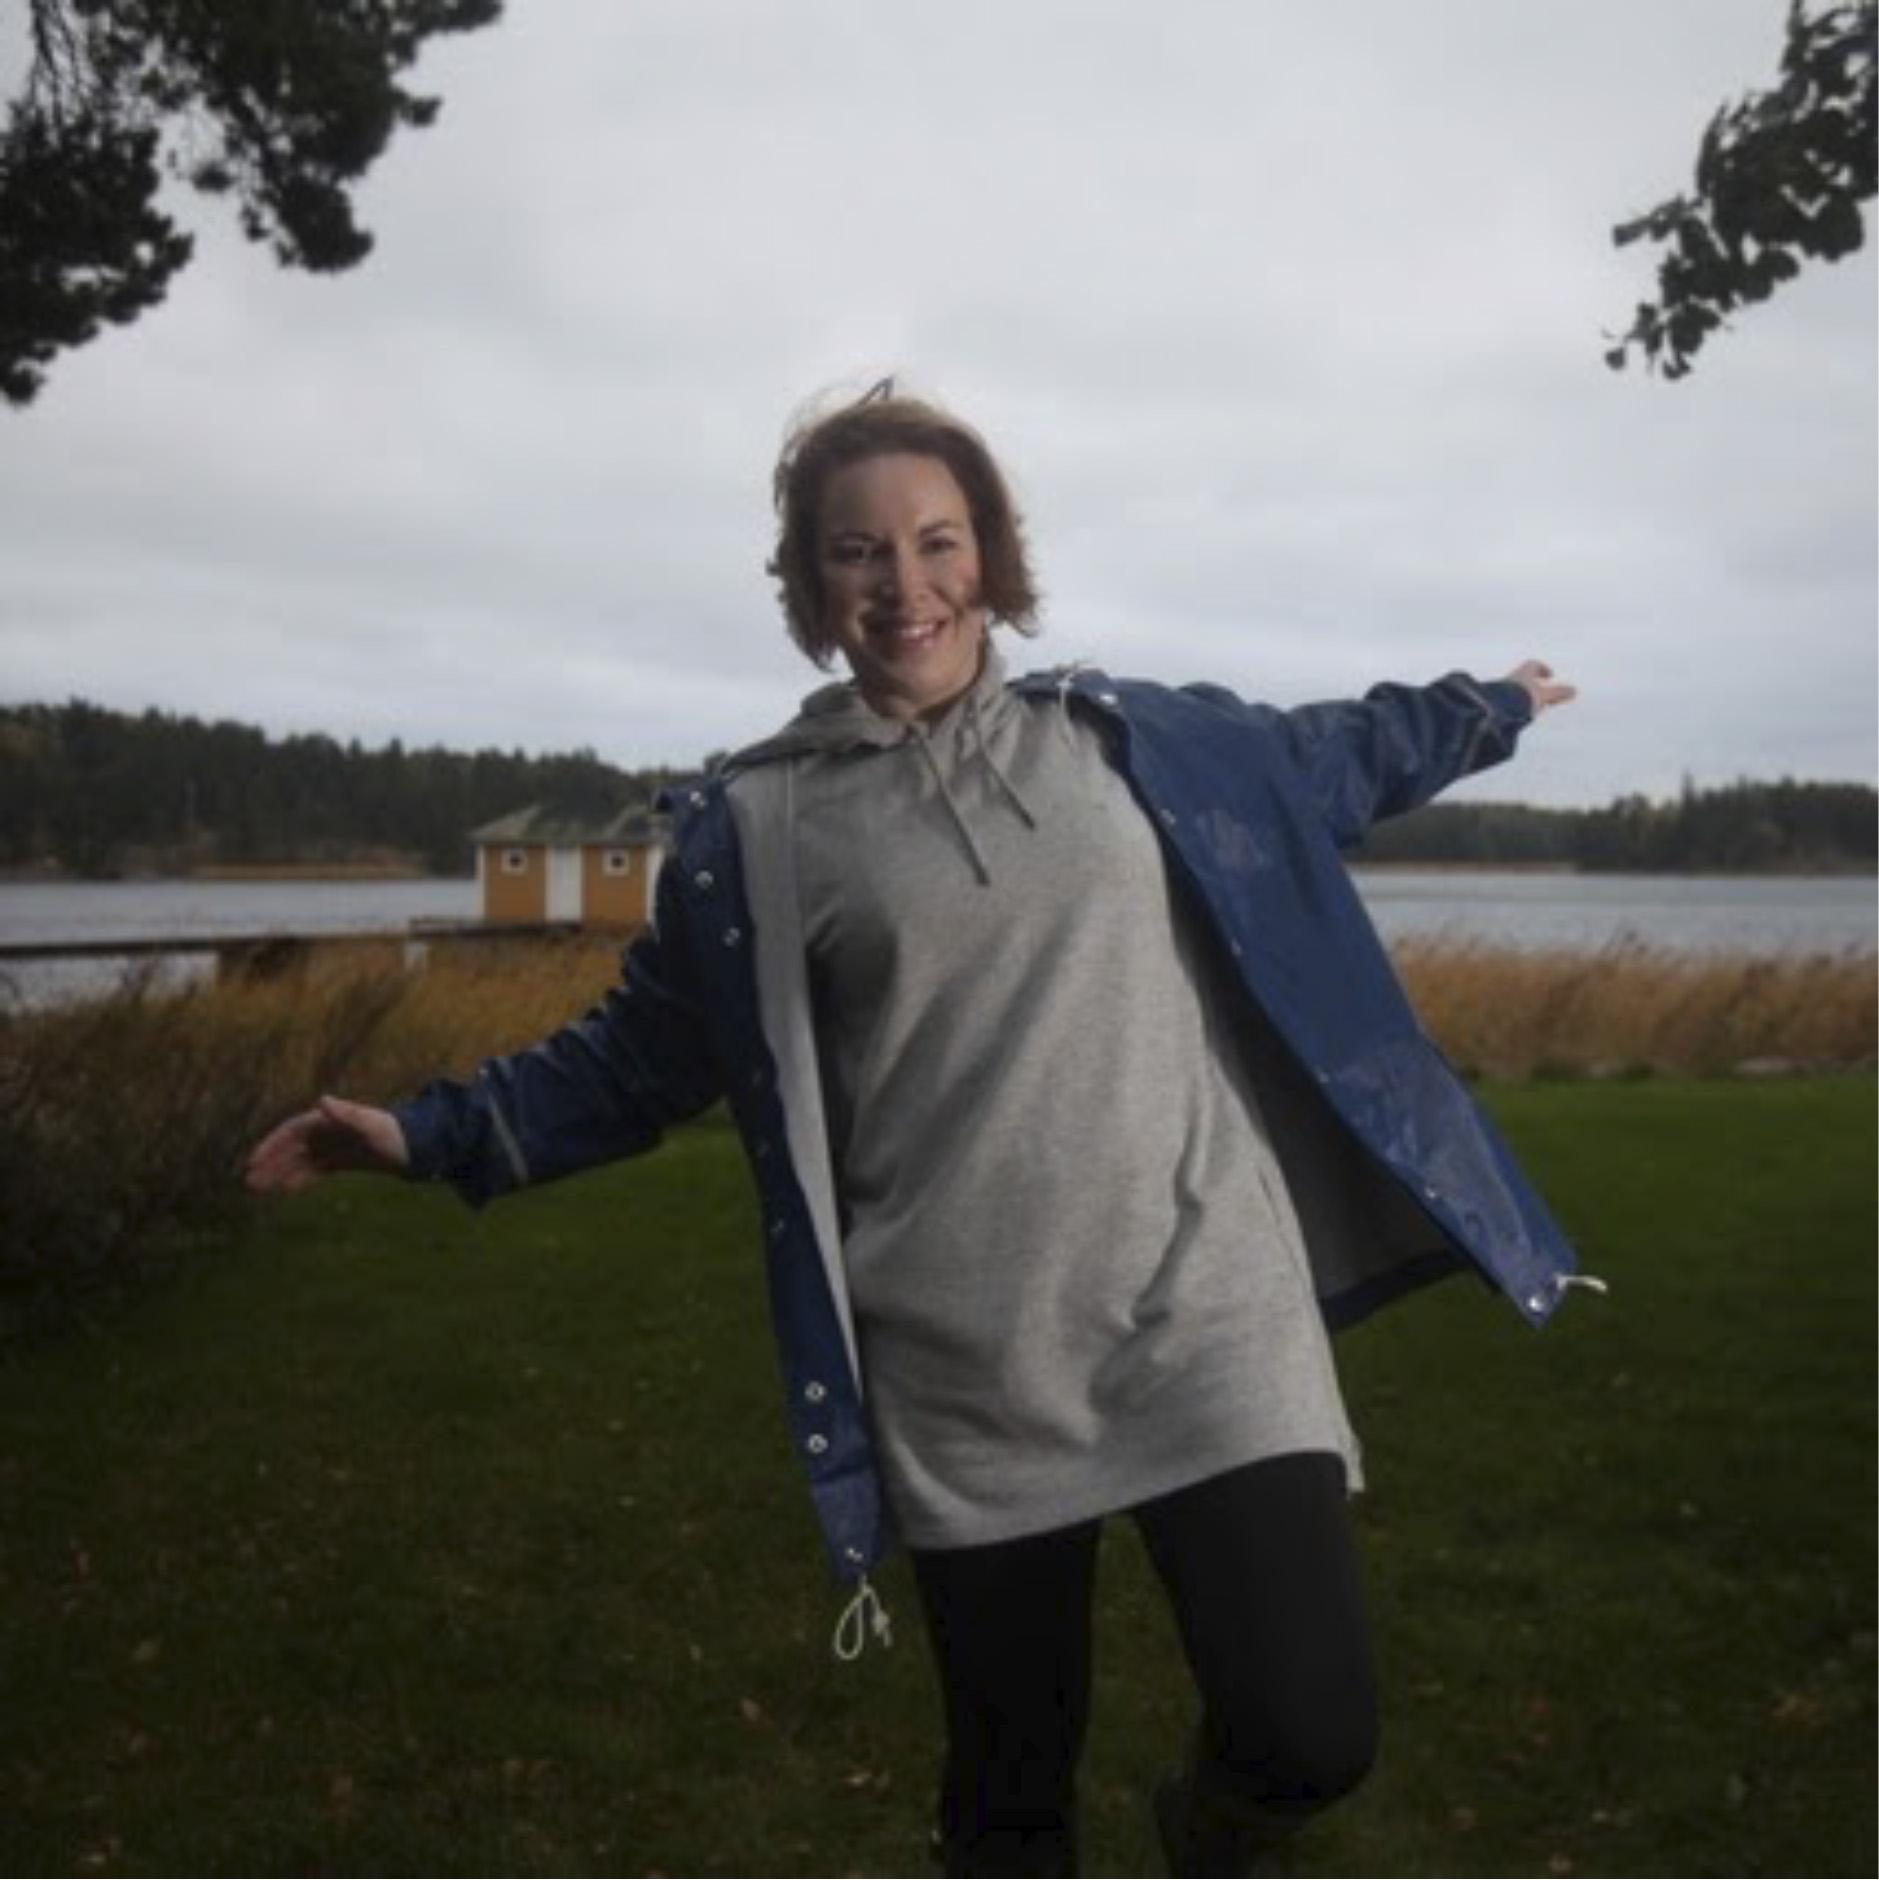 Fsioterapeutti sekä neurologinen kuntouttaja, Anna Hassinen, Terapiakeskus Onni